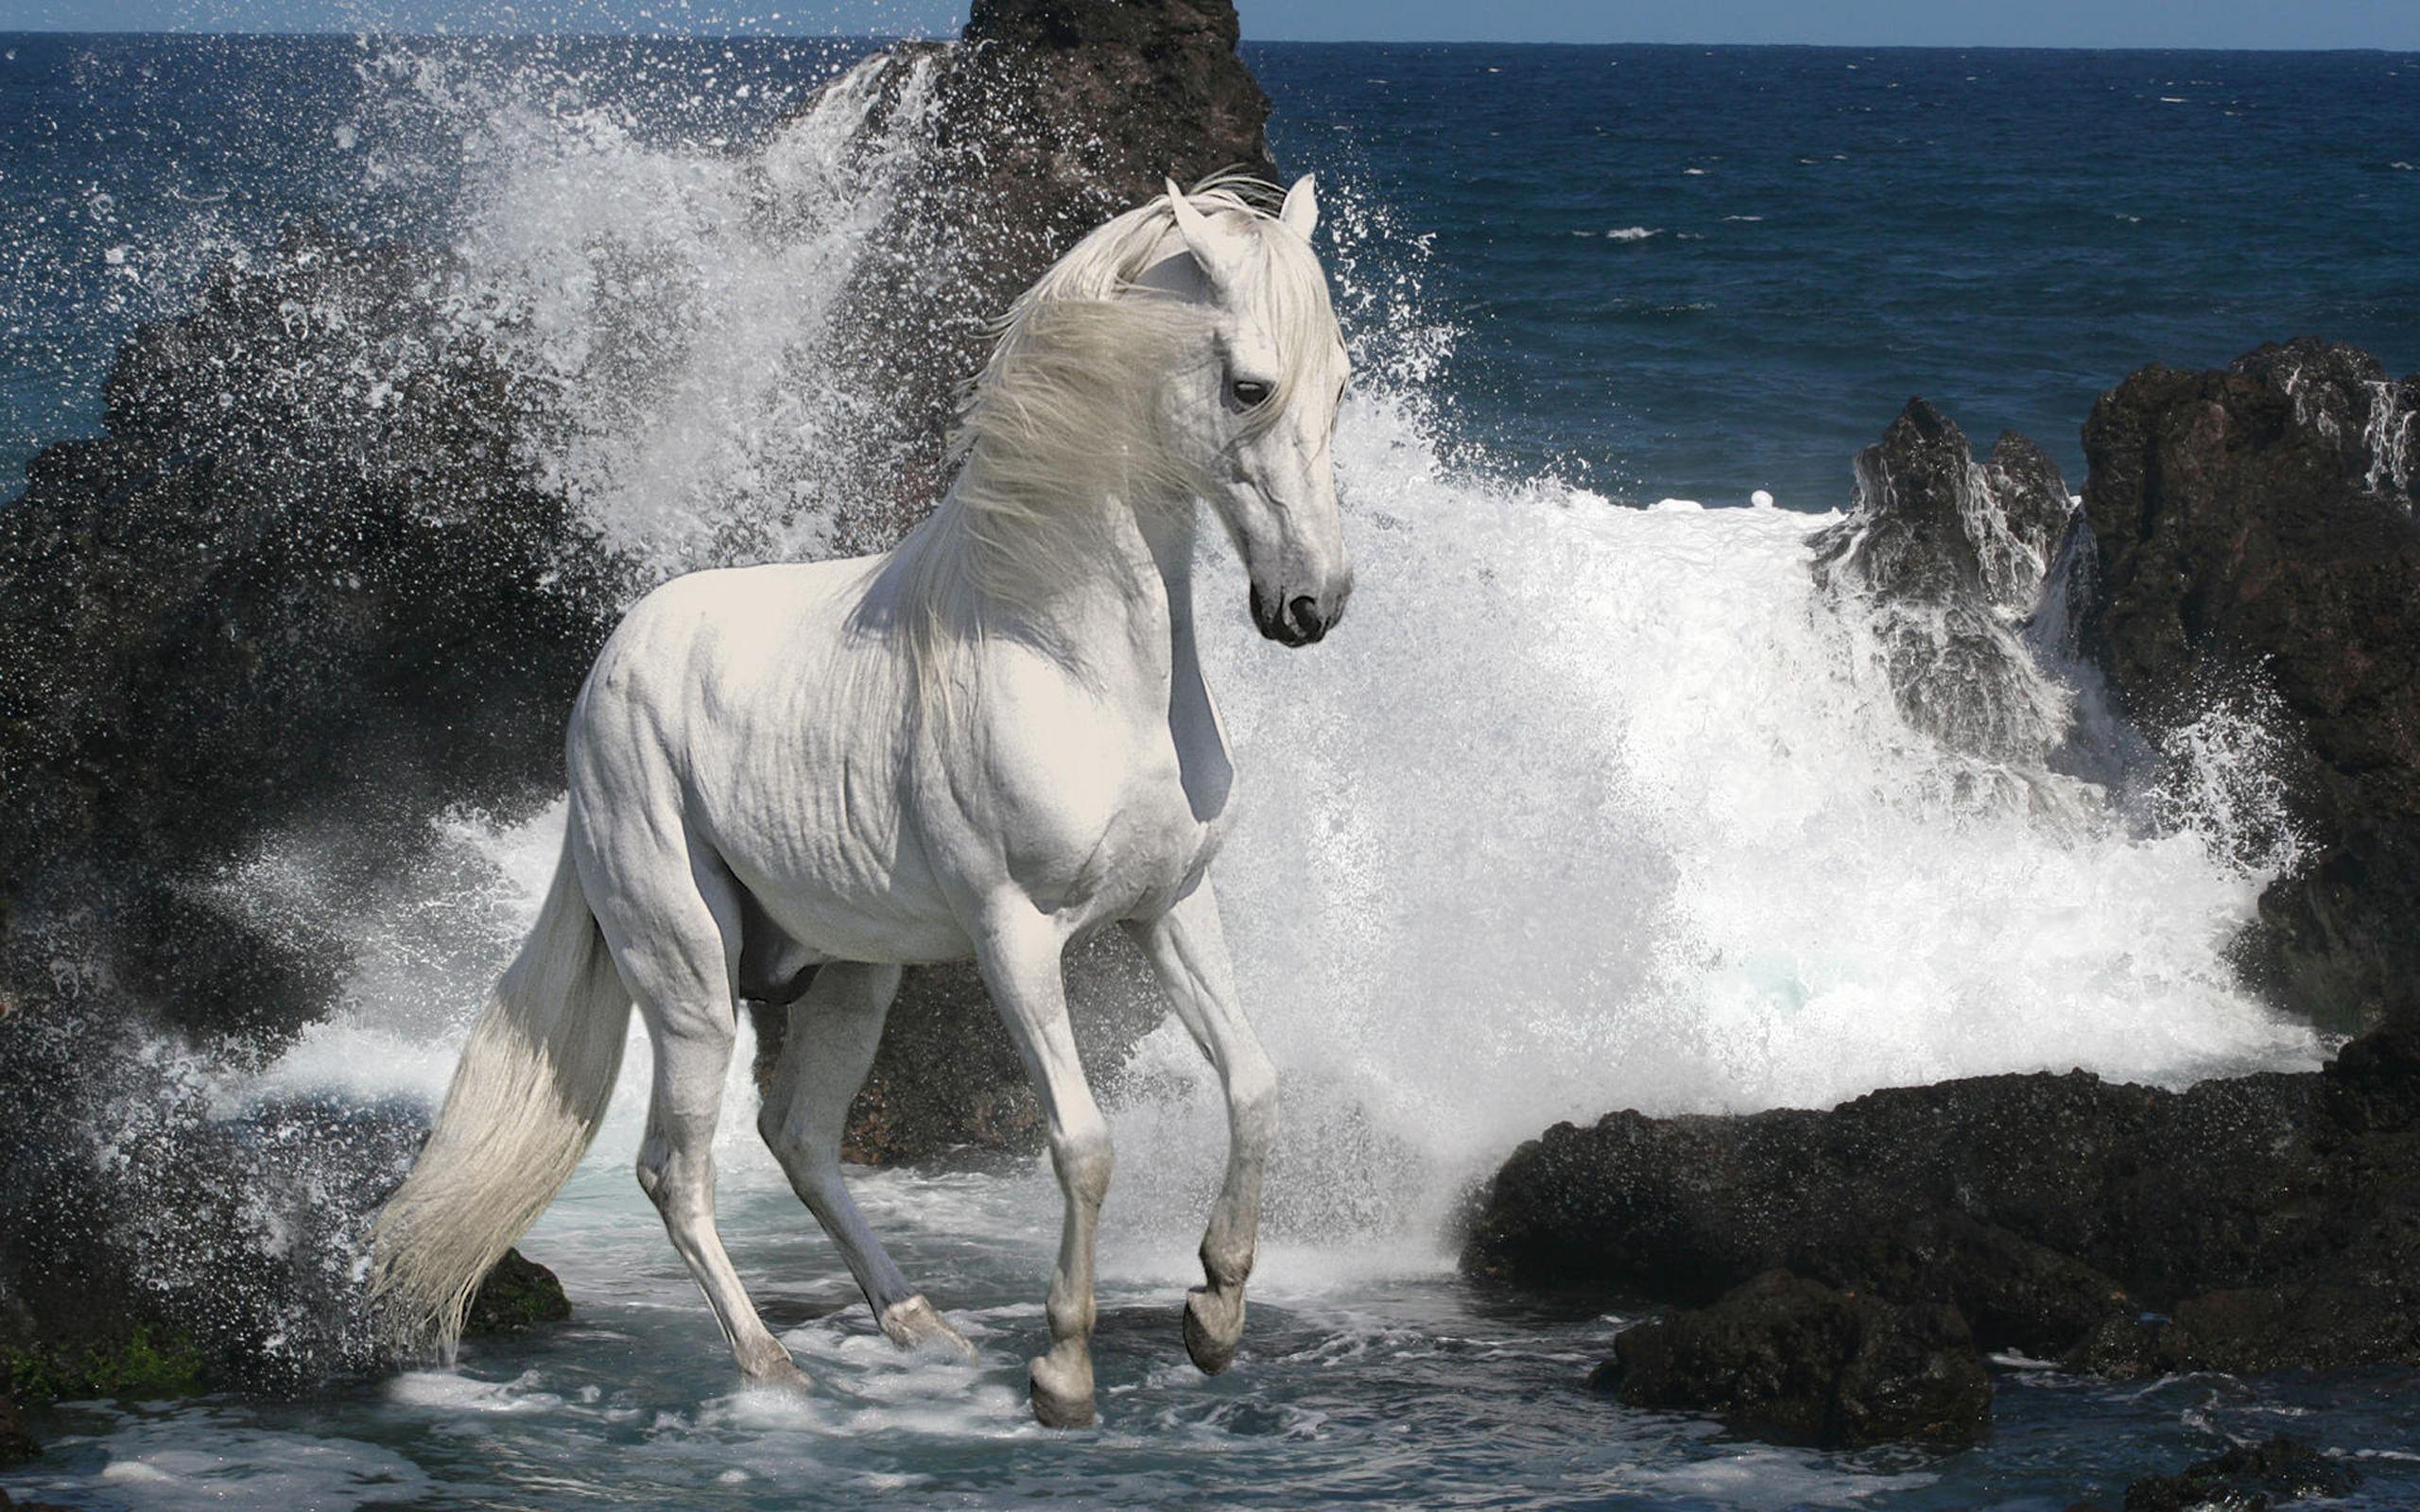 animal-horse_333354.jpg (JPEG Image, 2560×1600 pixels) - Scaled (40%)